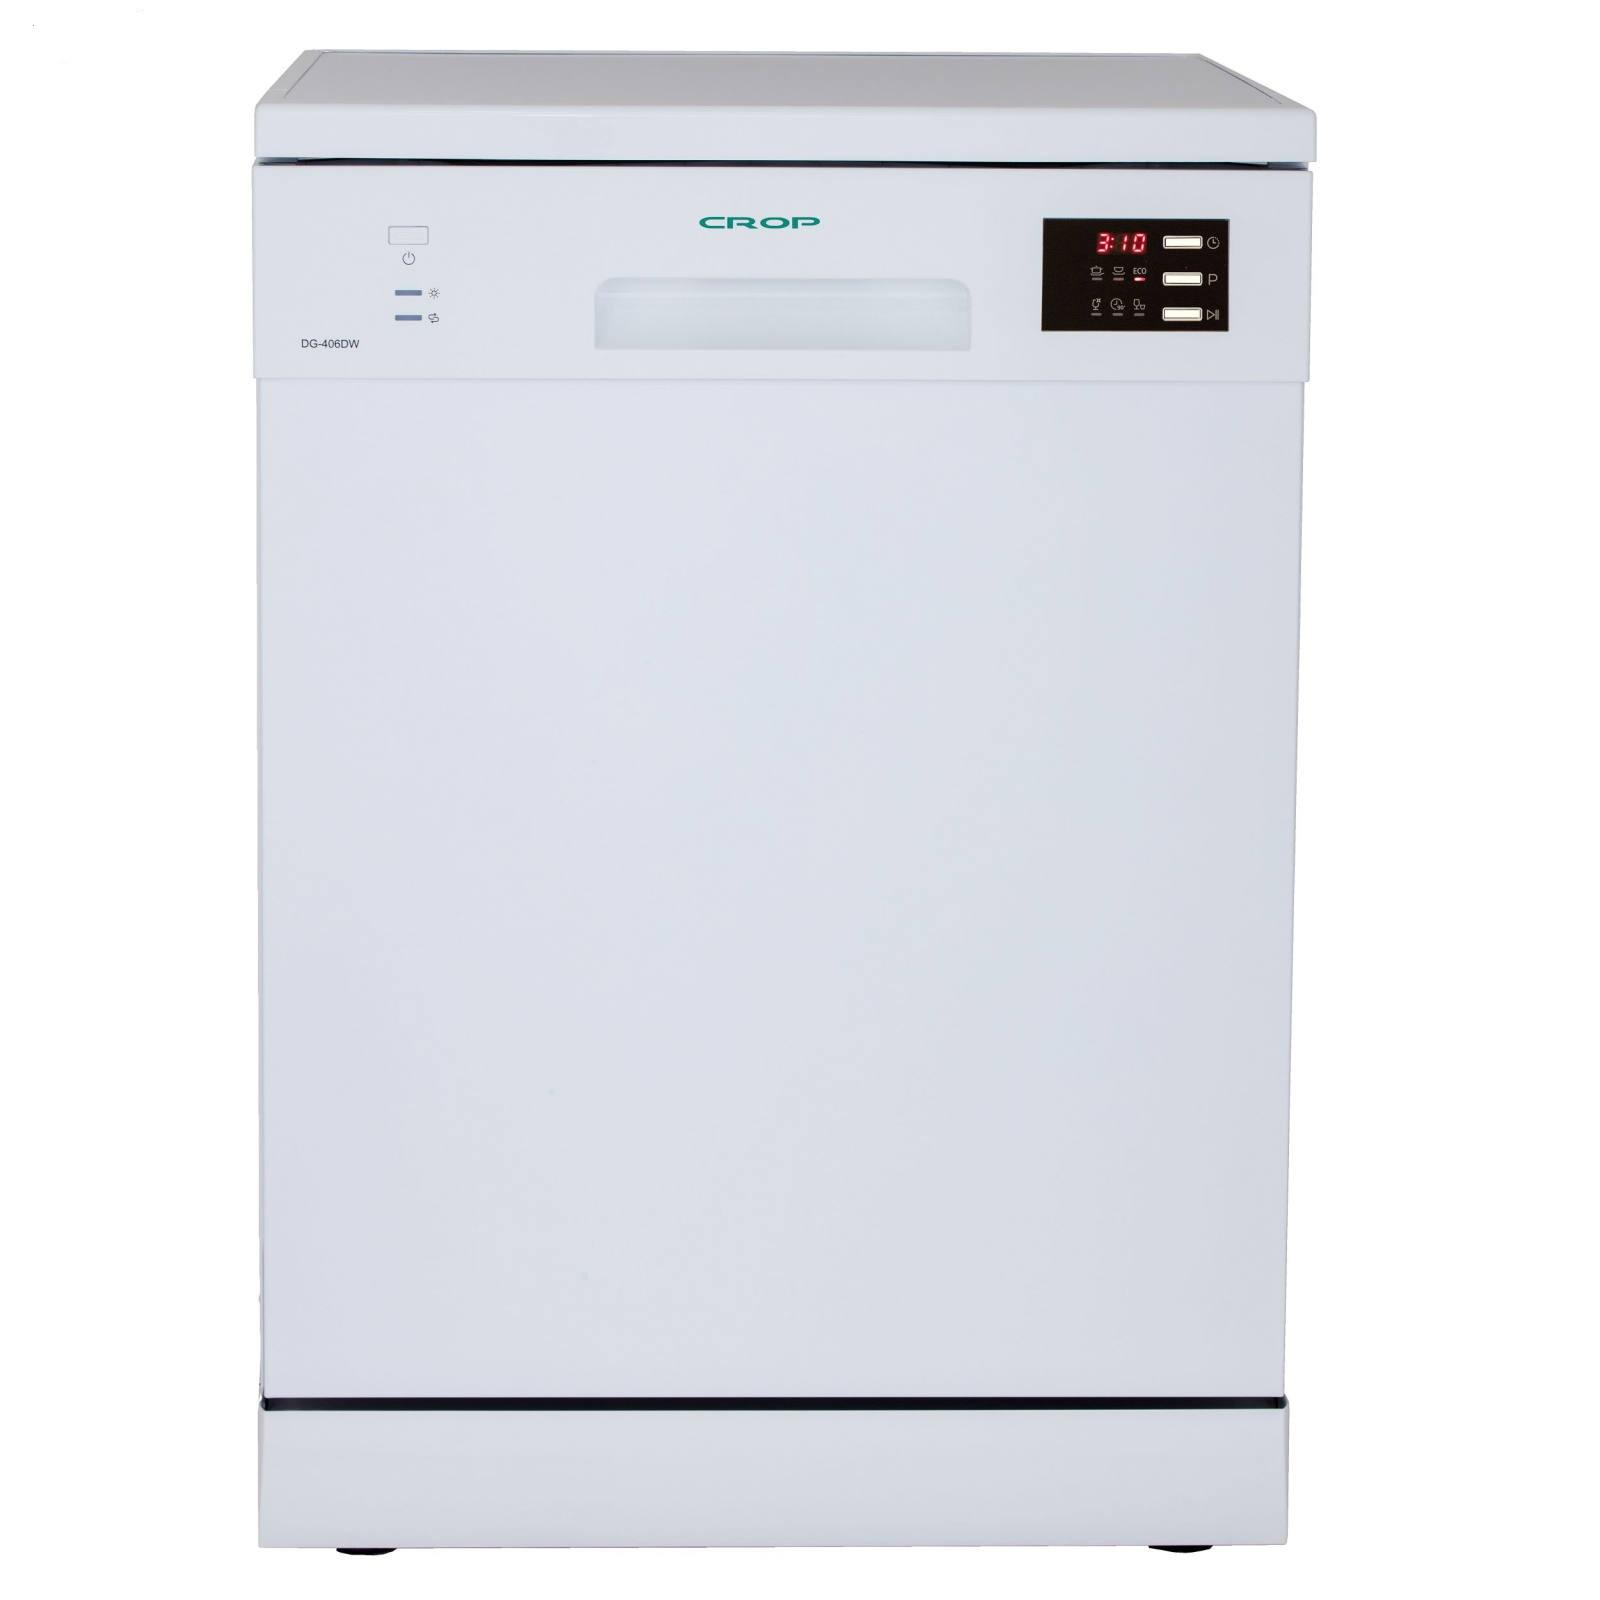 ماشین ظرفشویی کروپ MDC-2140W